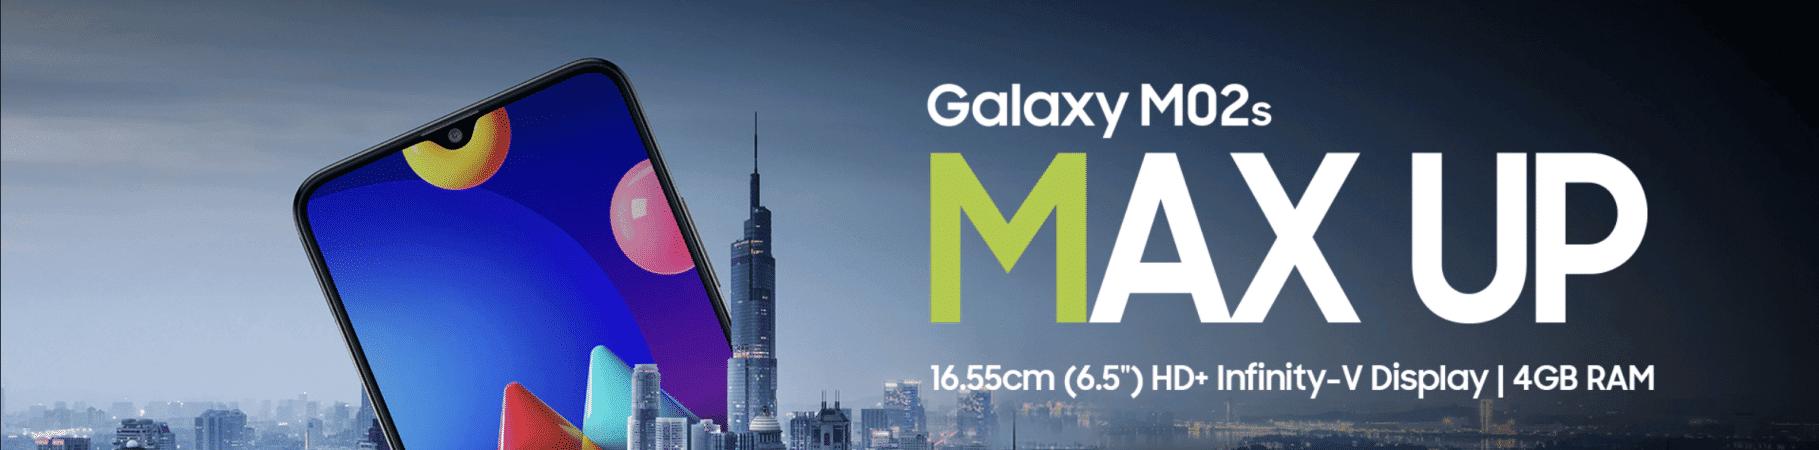 Banner de lançamento do Galaxy M02s